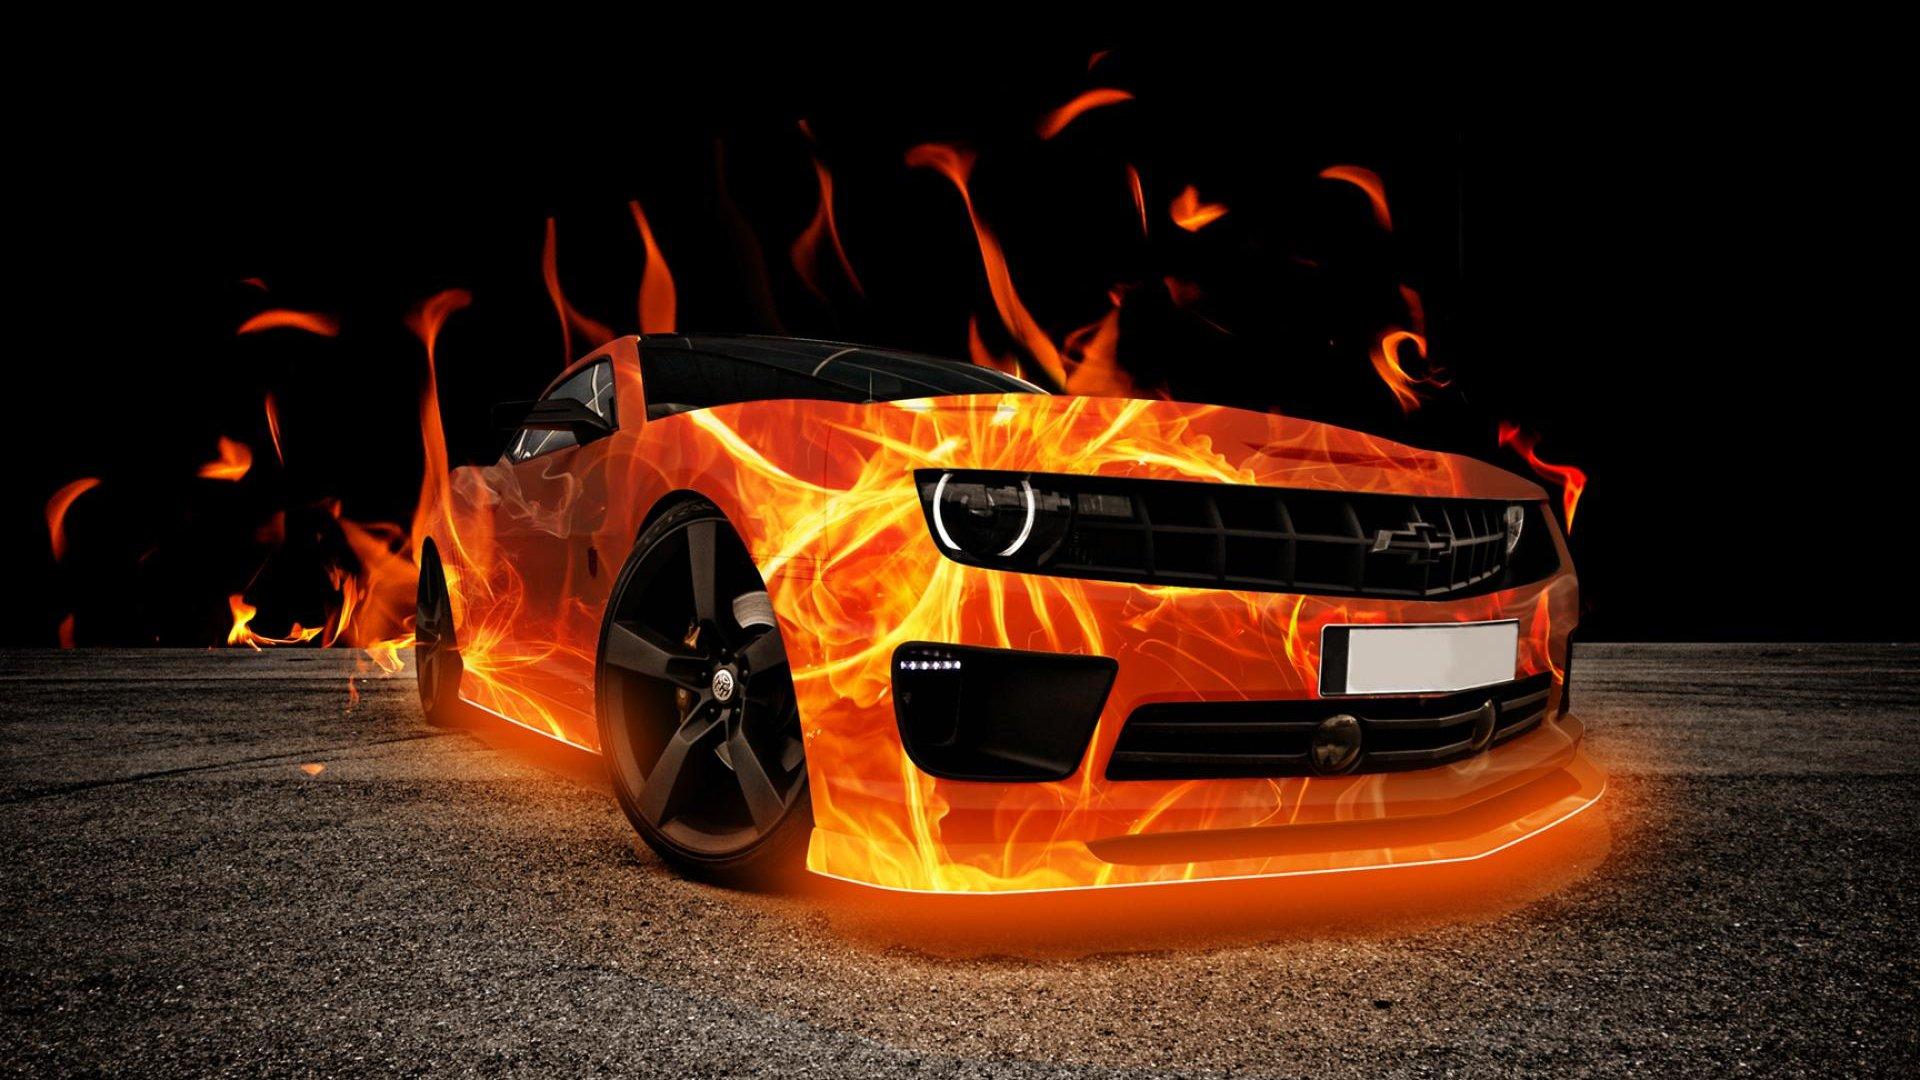 Download 3d Nice Sports Car Hd Wallpaper 1920x1080 50 3d Car